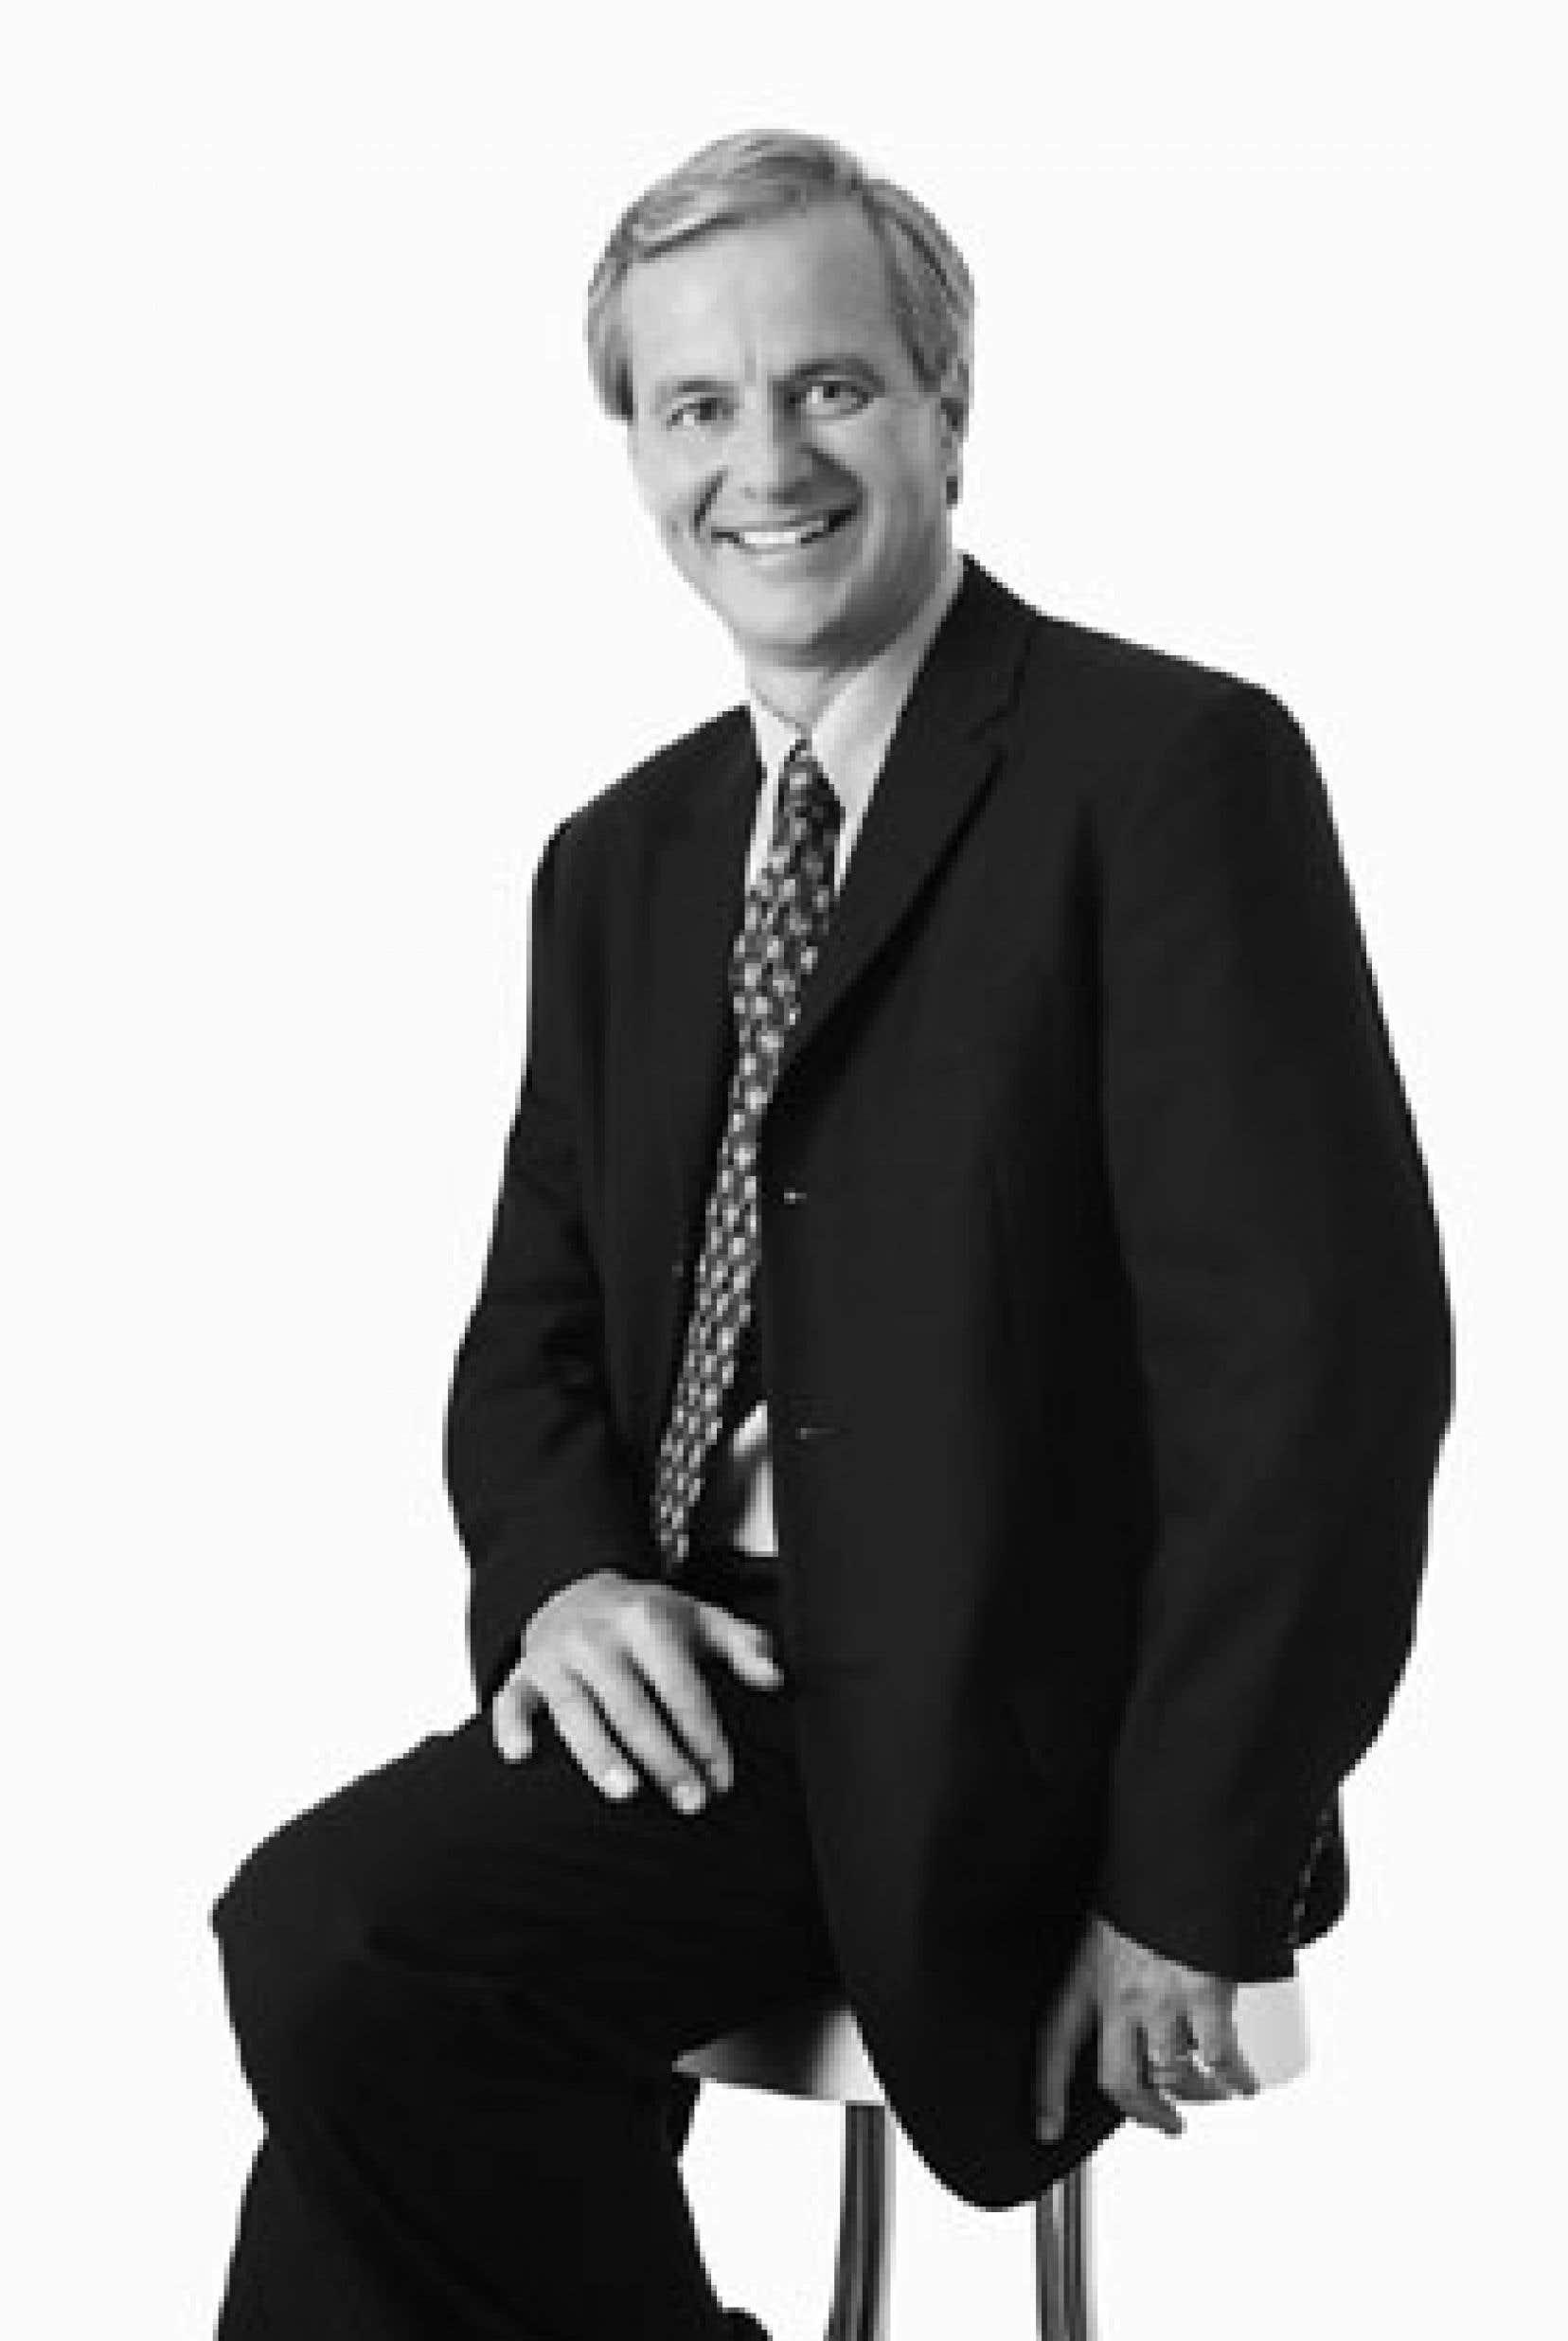 Selon Russell Williams, président de l'association Les compagnies de recherche pharmaceutique du Canada, il importe au monde pharmaceutique de prouver de quelle manière il peut à la fois contribuer à améliorer la qualité de vie des personnes mala